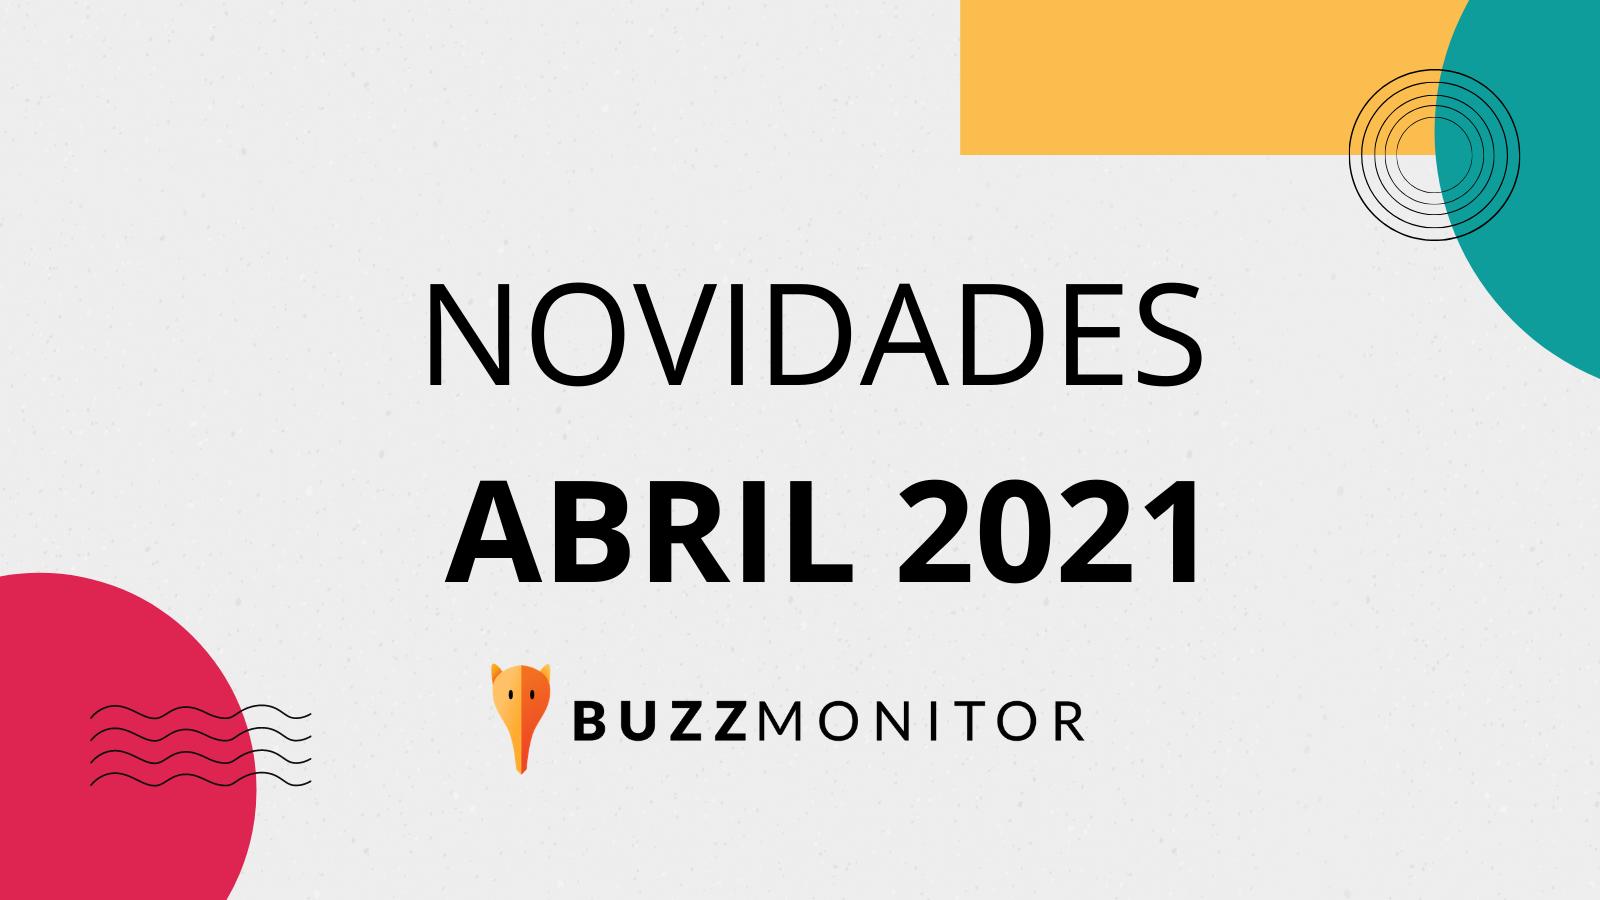 6 novidades Buzzmonitor Abril 2021: atendimento IGTV, Play Store e mais